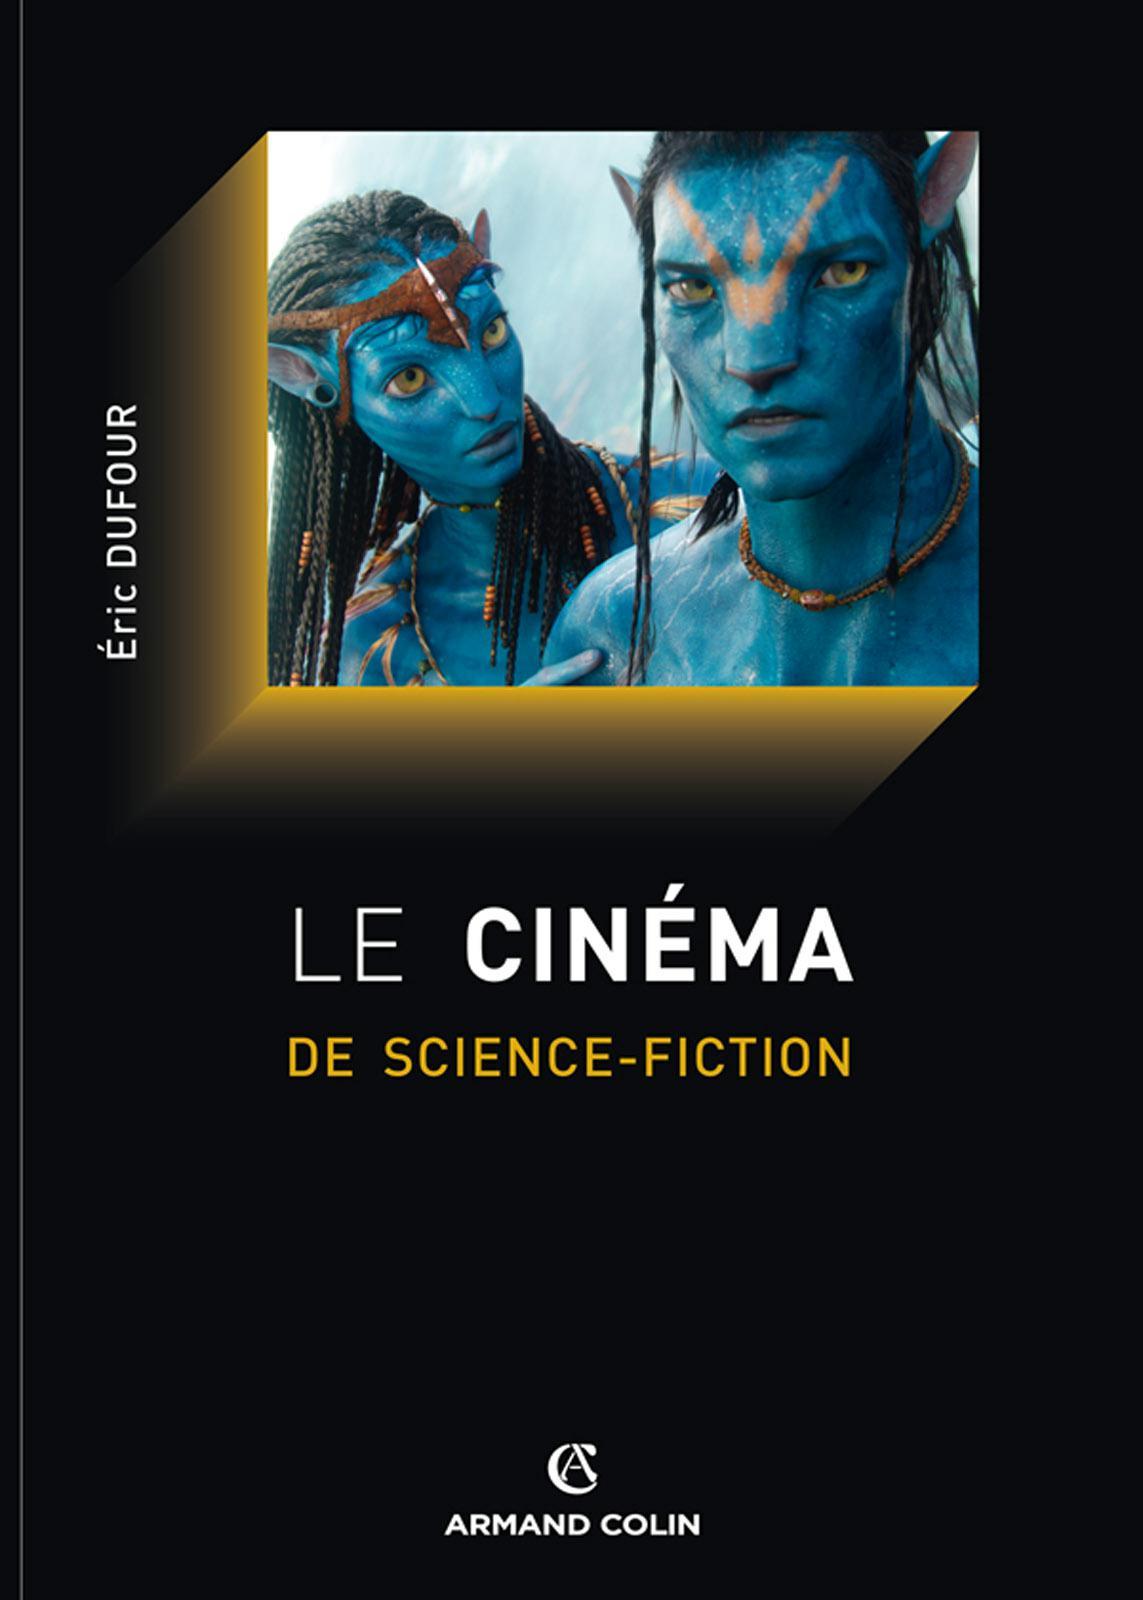 télécharger Le cinéma de science-fiction. Éric Dufour